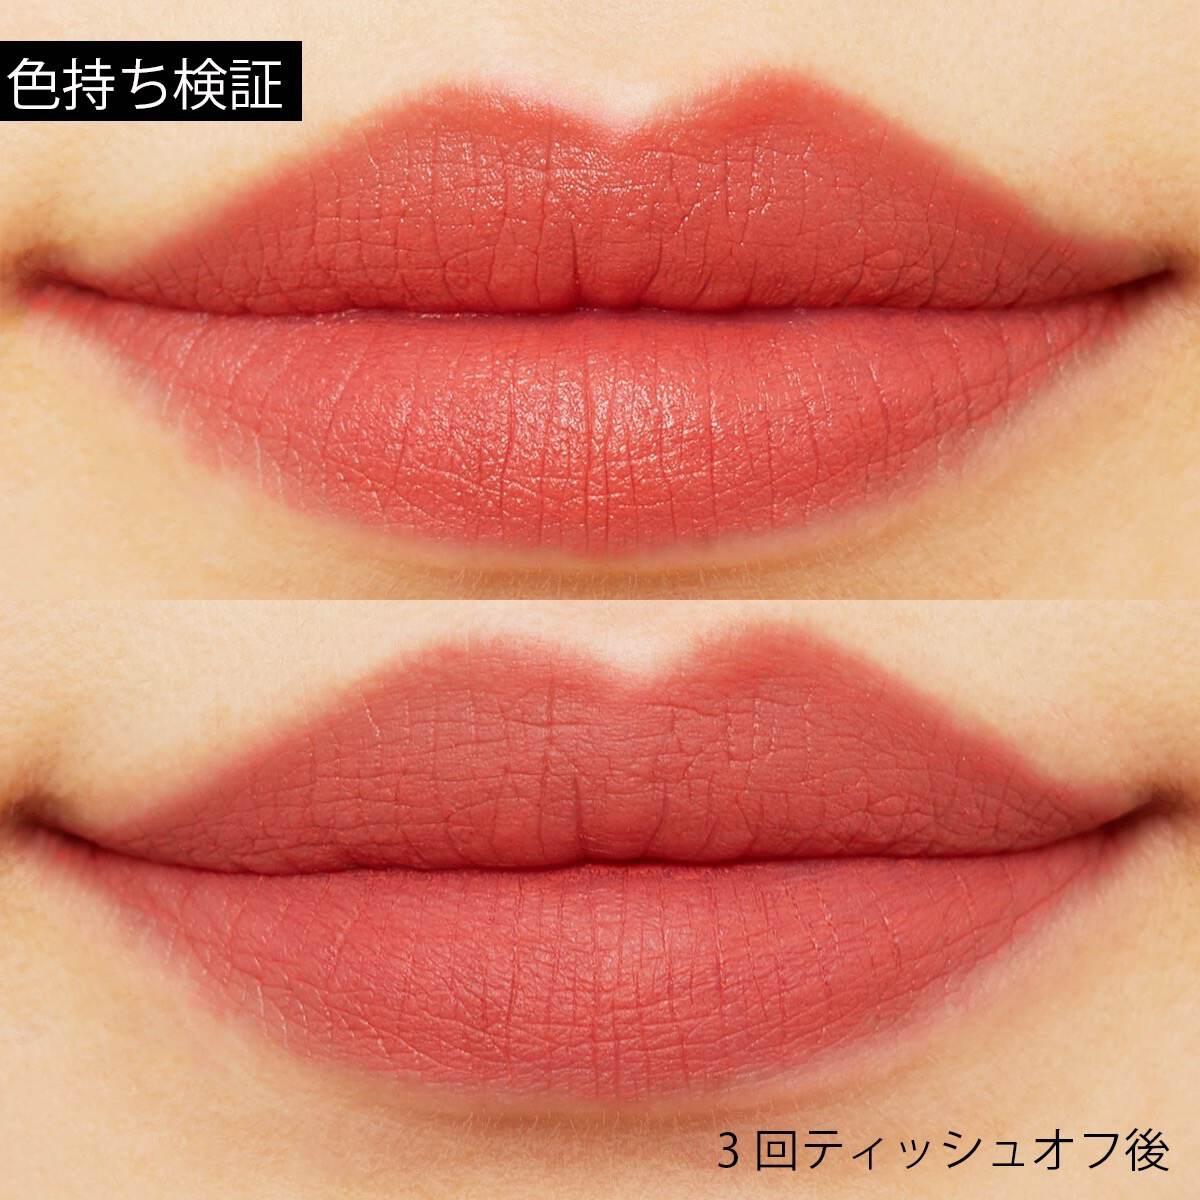 Bbia(ピアー)『ラストリップスティック2 07 夢幻の赤』の使用感をレポ!に関する画像11